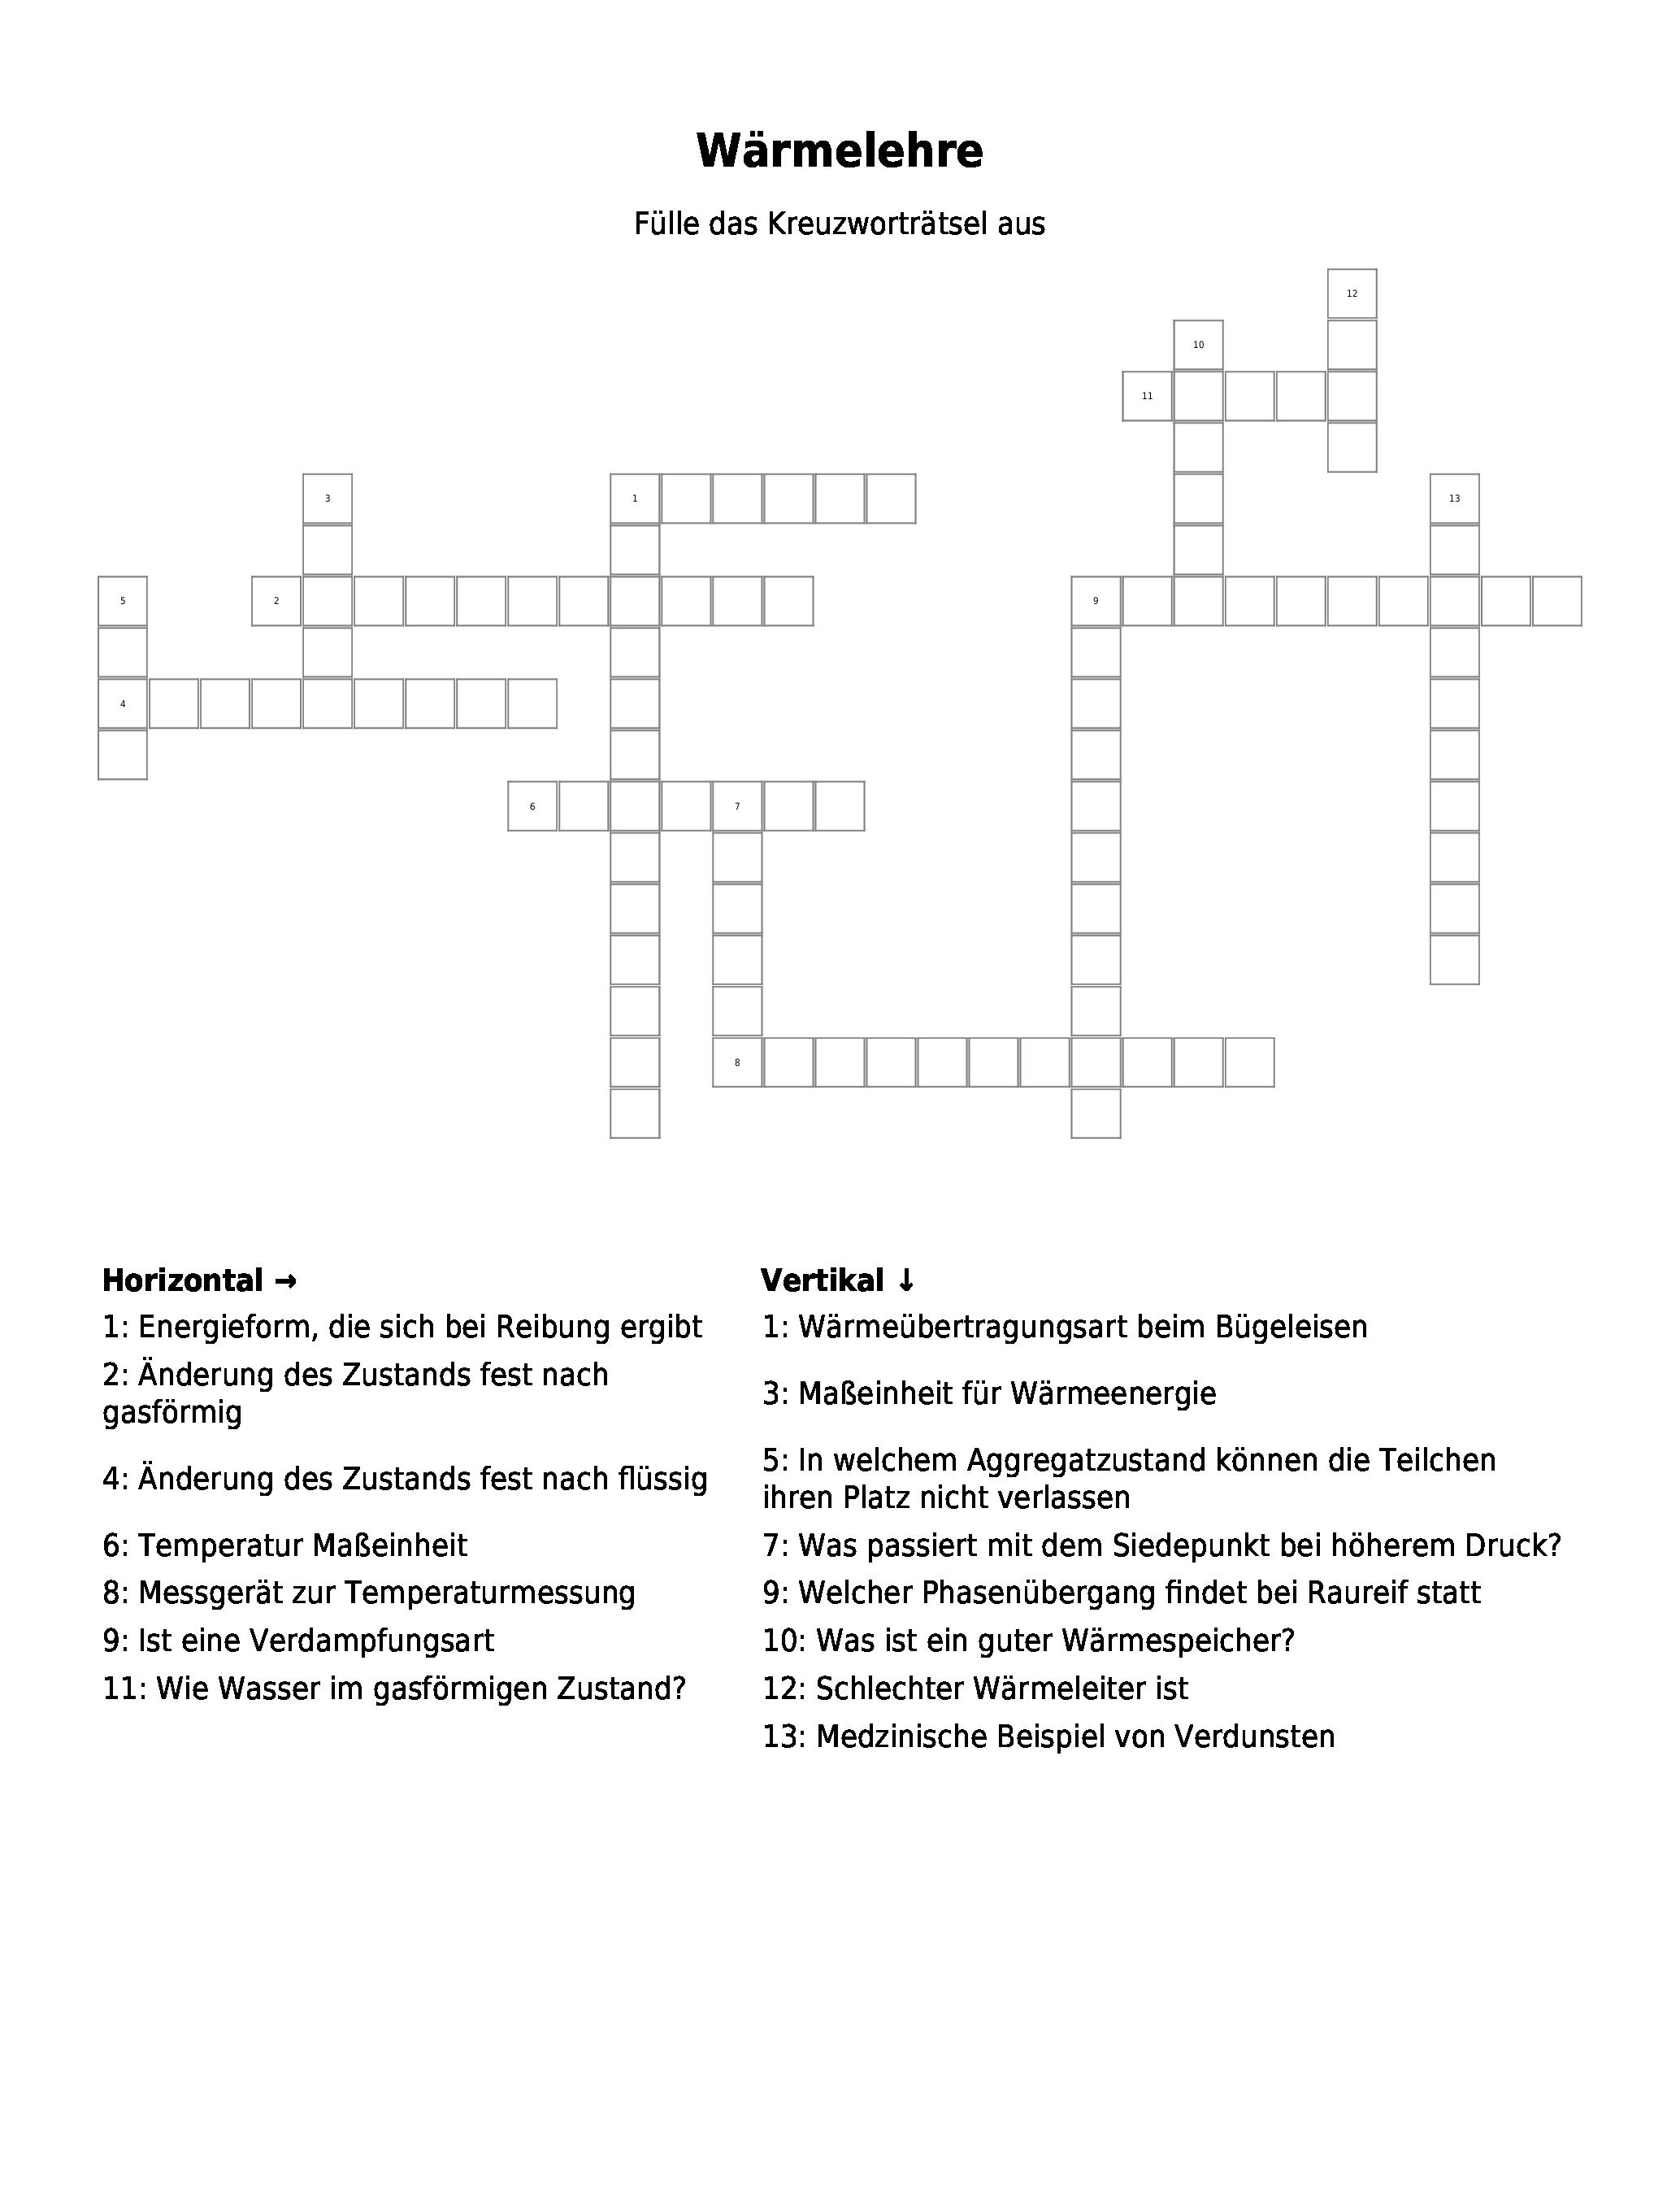 Die Aggregatzustände – Kreuzworträtsel   Link  und ...